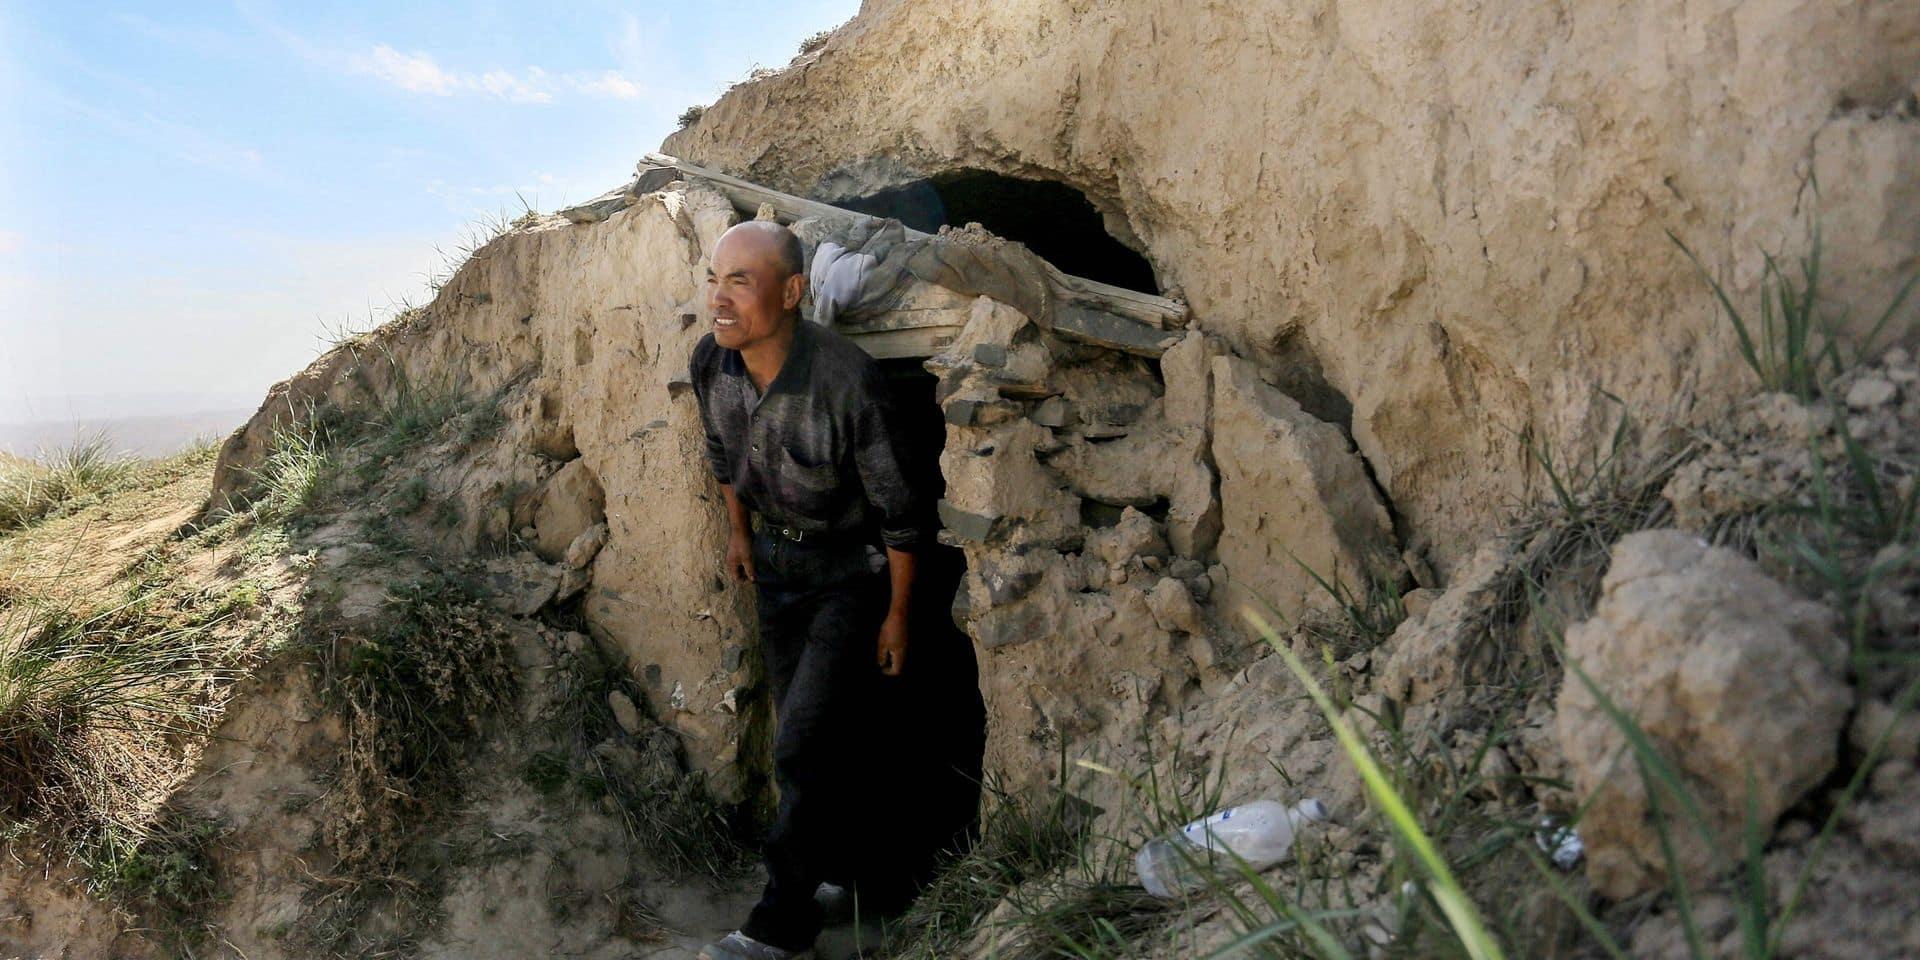 Un ultratrail vire au drame en Chine: 21 participants sont morts, un berger salué en héros